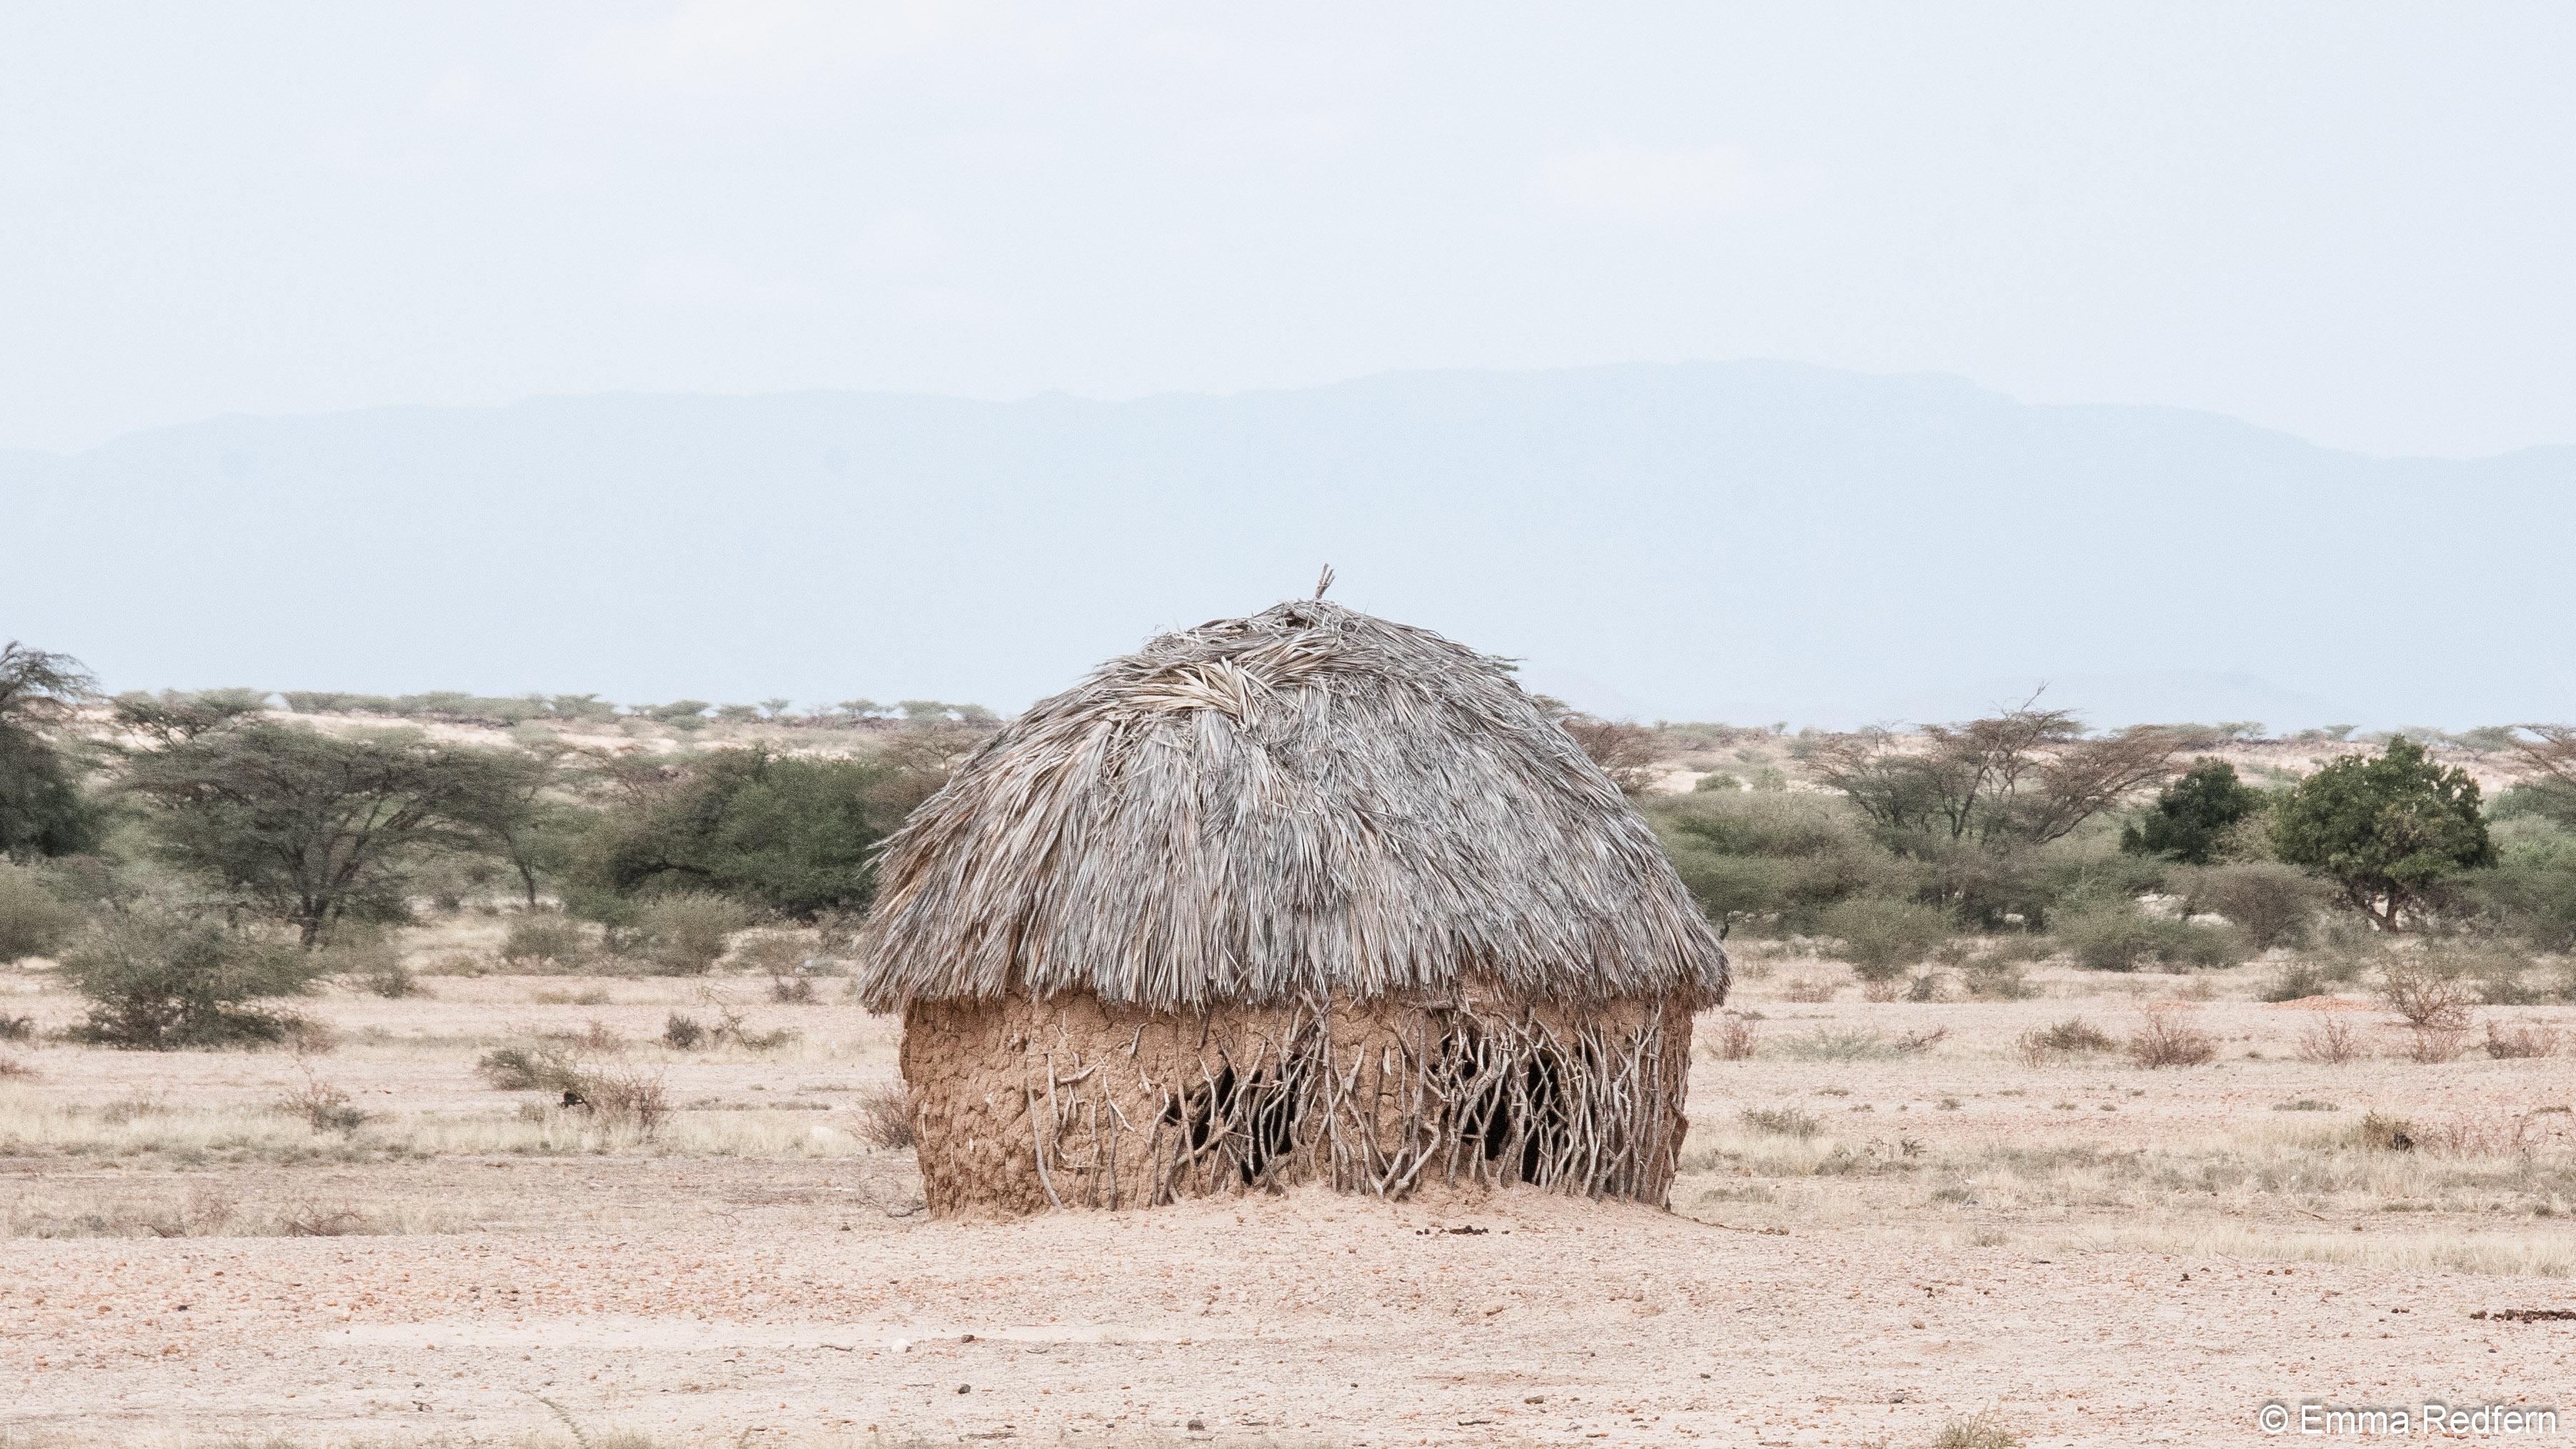 Turkana Pastoralist's House